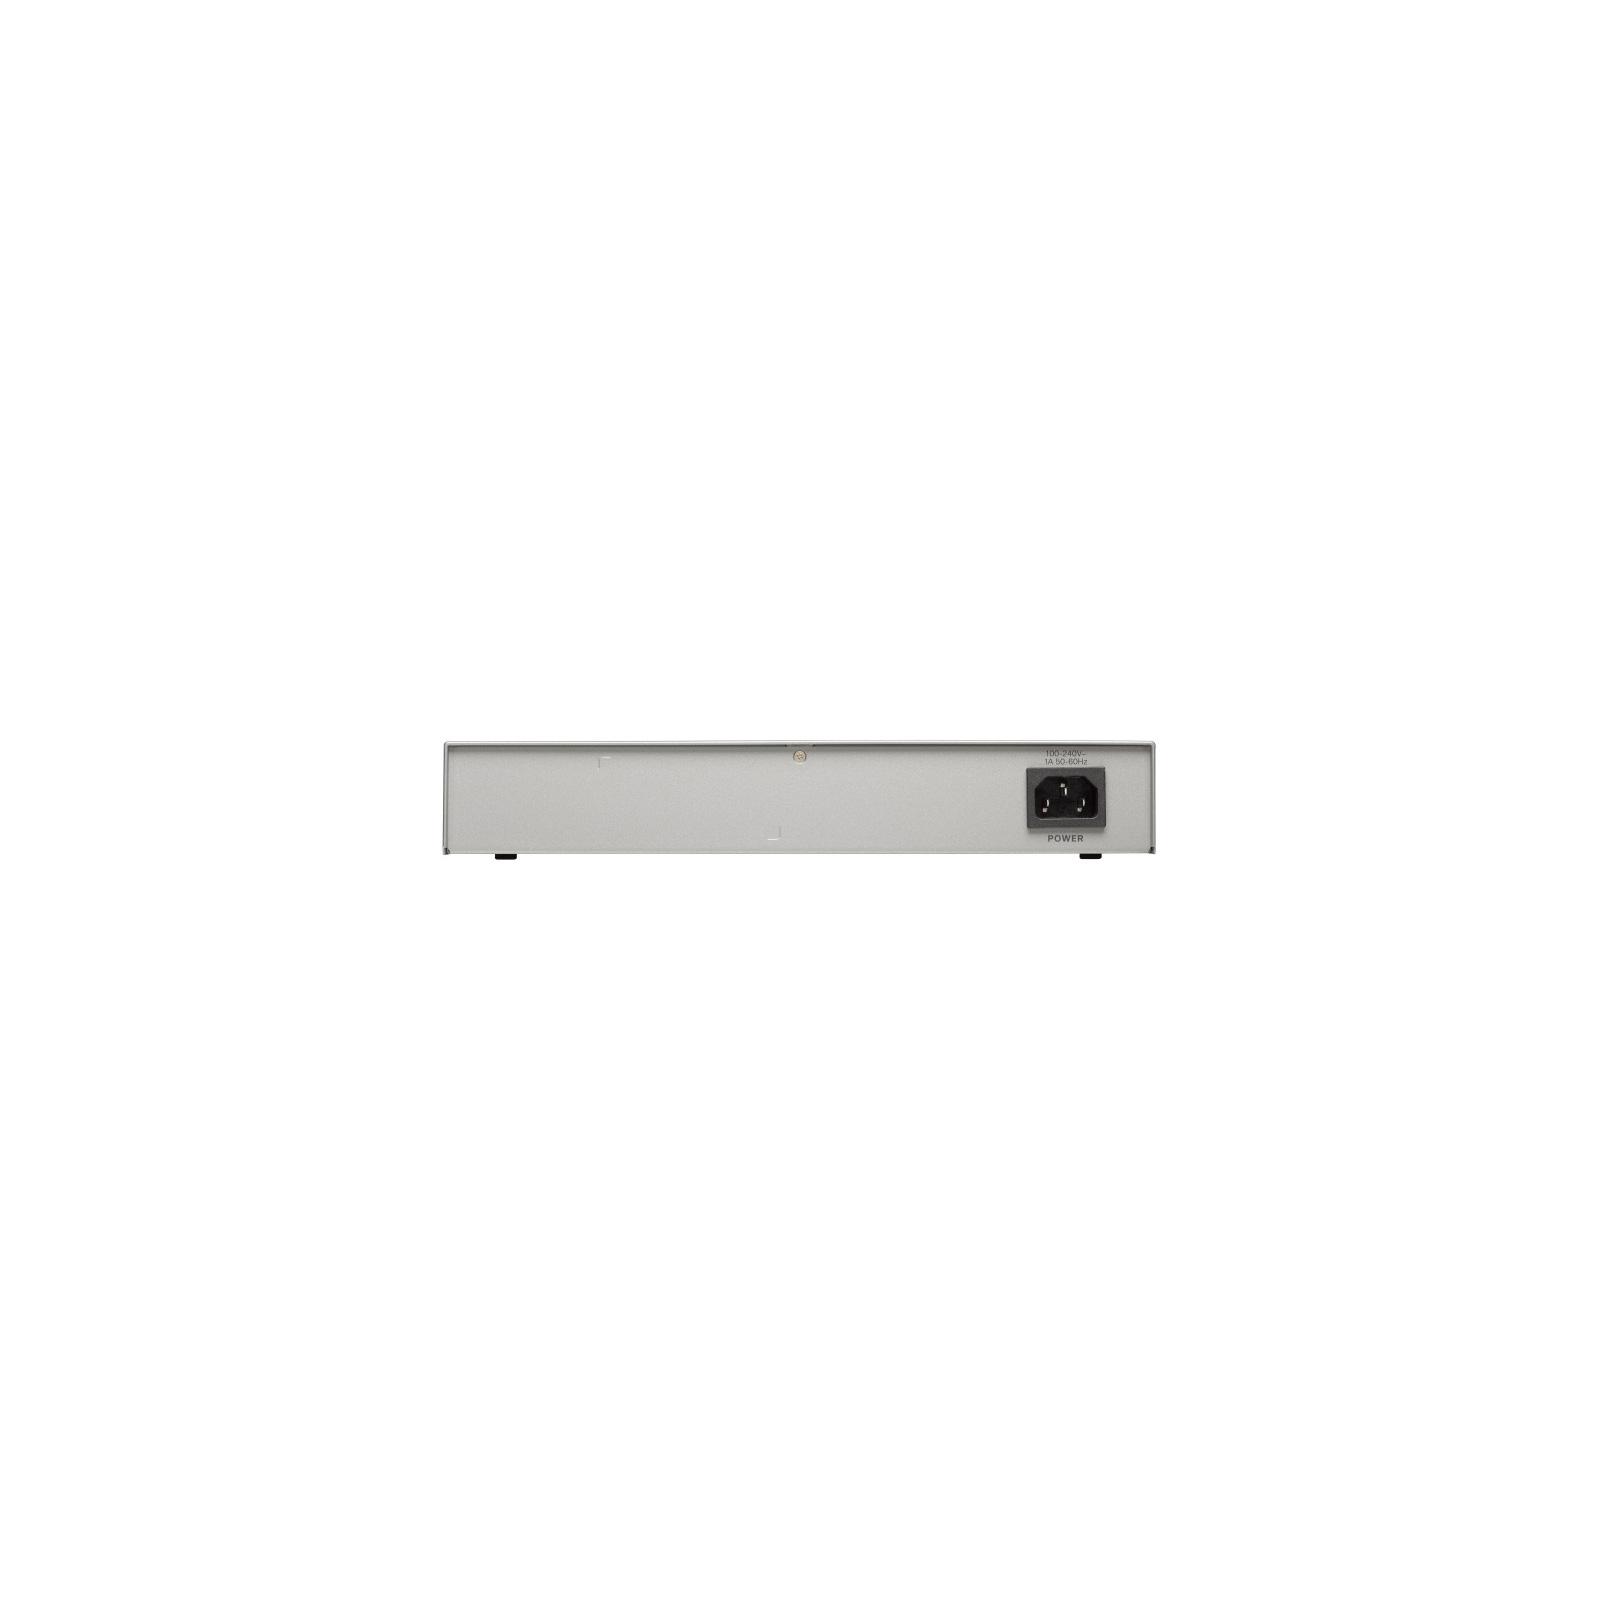 Коммутатор сетевой Cisco SG110-16HP-EU изображение 2